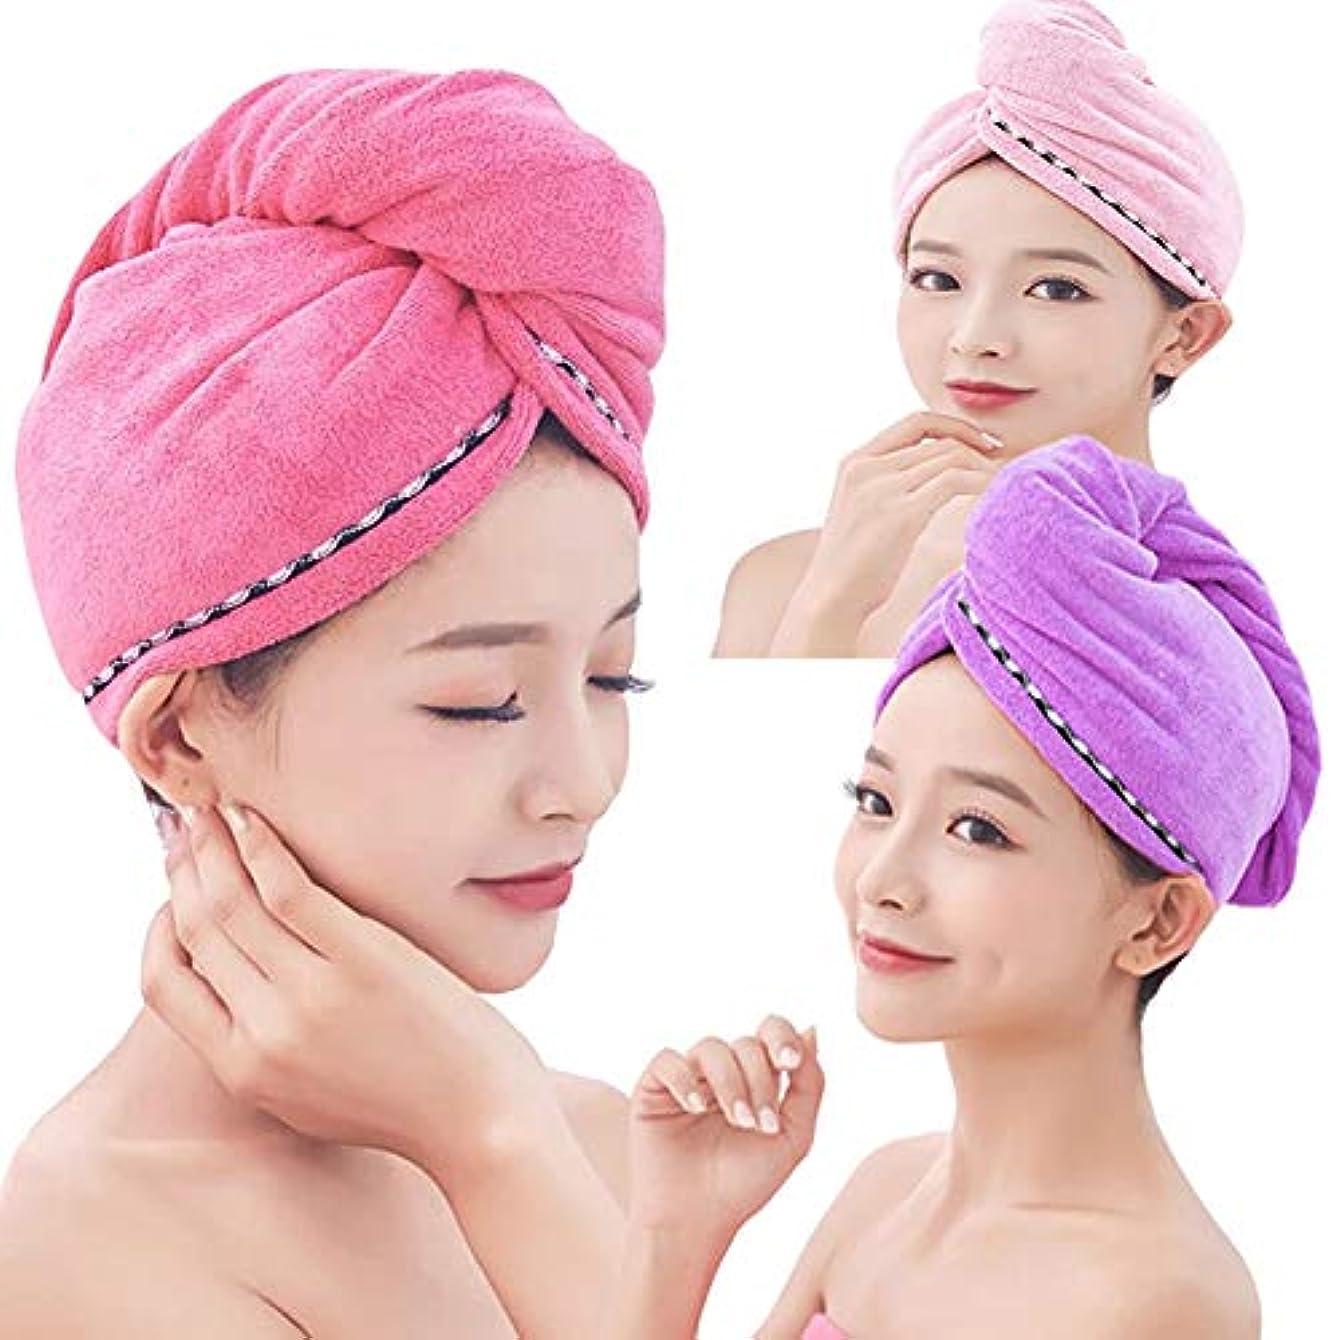 でも義務づける競争ヘアドライタオル (3枚セット) タオルキャップ 吸水 速乾 髪 タオル マイクロファイバ ヘアキャップ 防滑 軽量 ヘアターバン 強い吸水性 髪に優しいタオル お風呂上がり バス用品